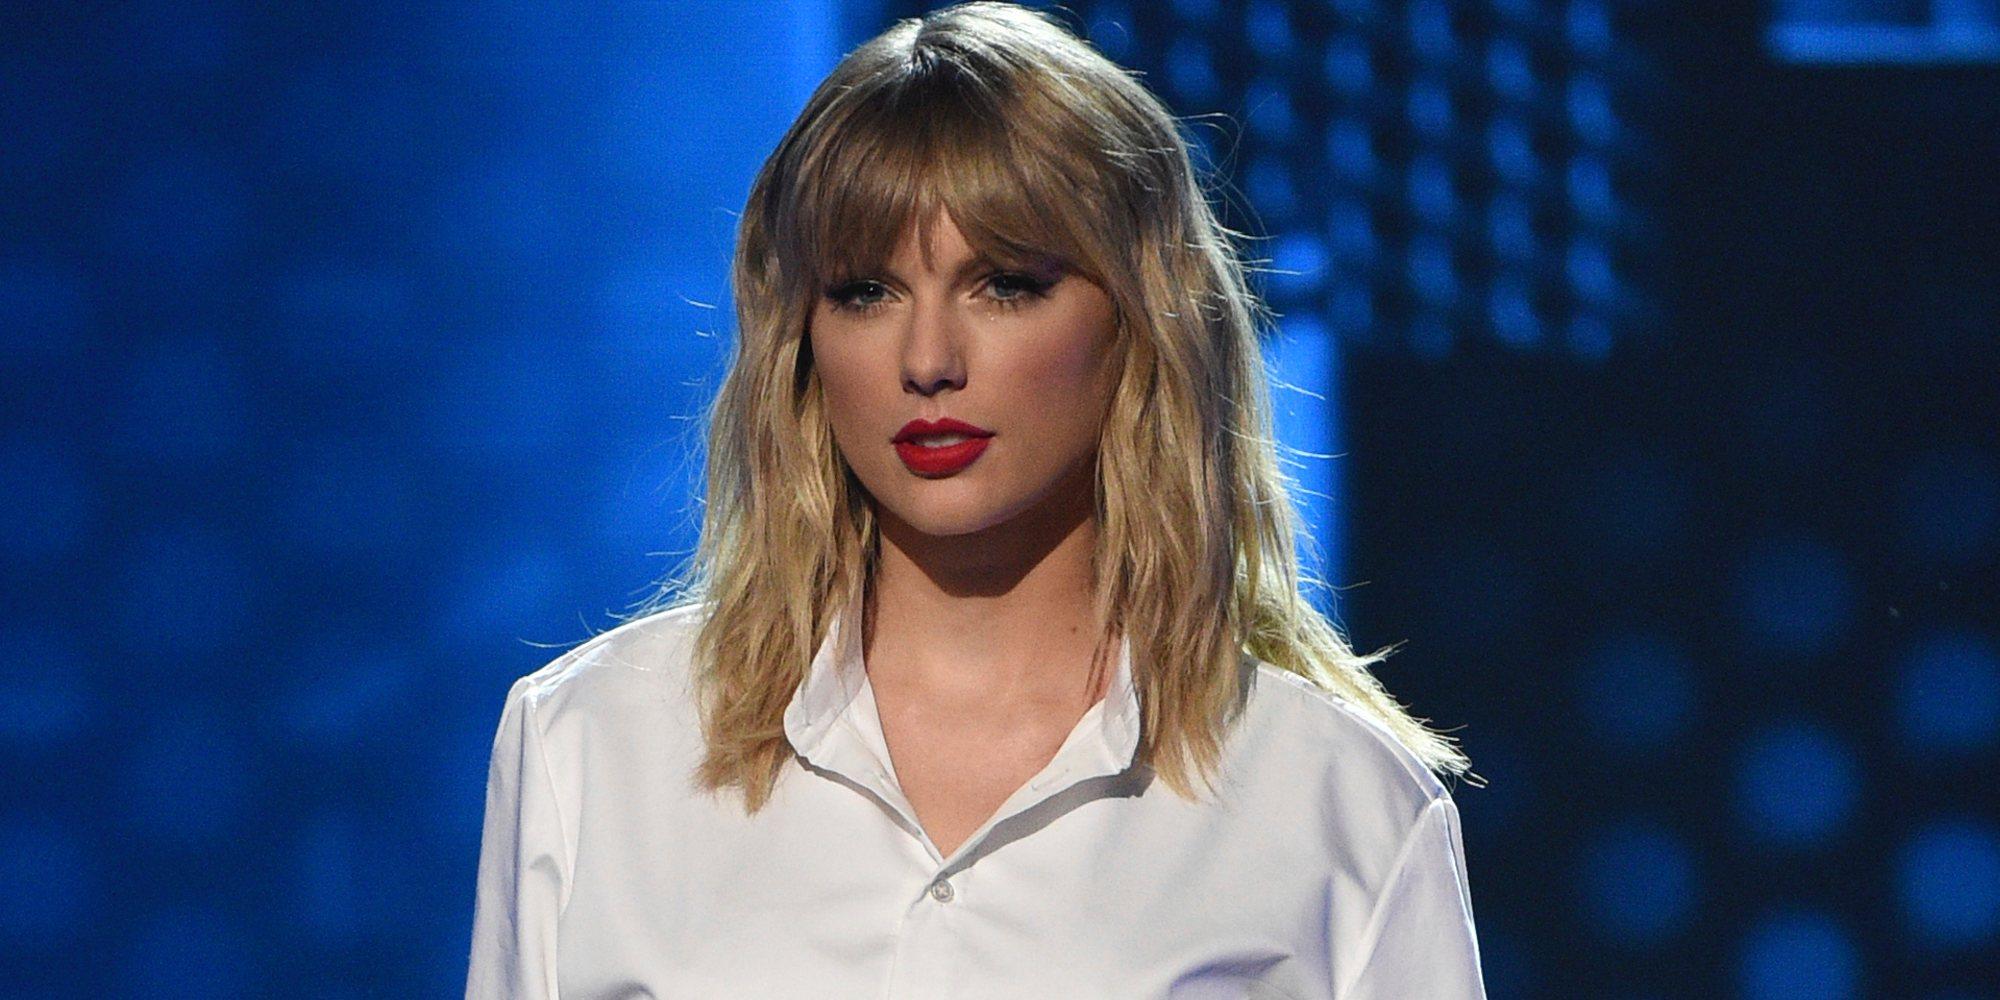 Taylor Swift hace historia en los AMAs 2019 en pleno conflicto con Scooter Braun y Scott Borchetta